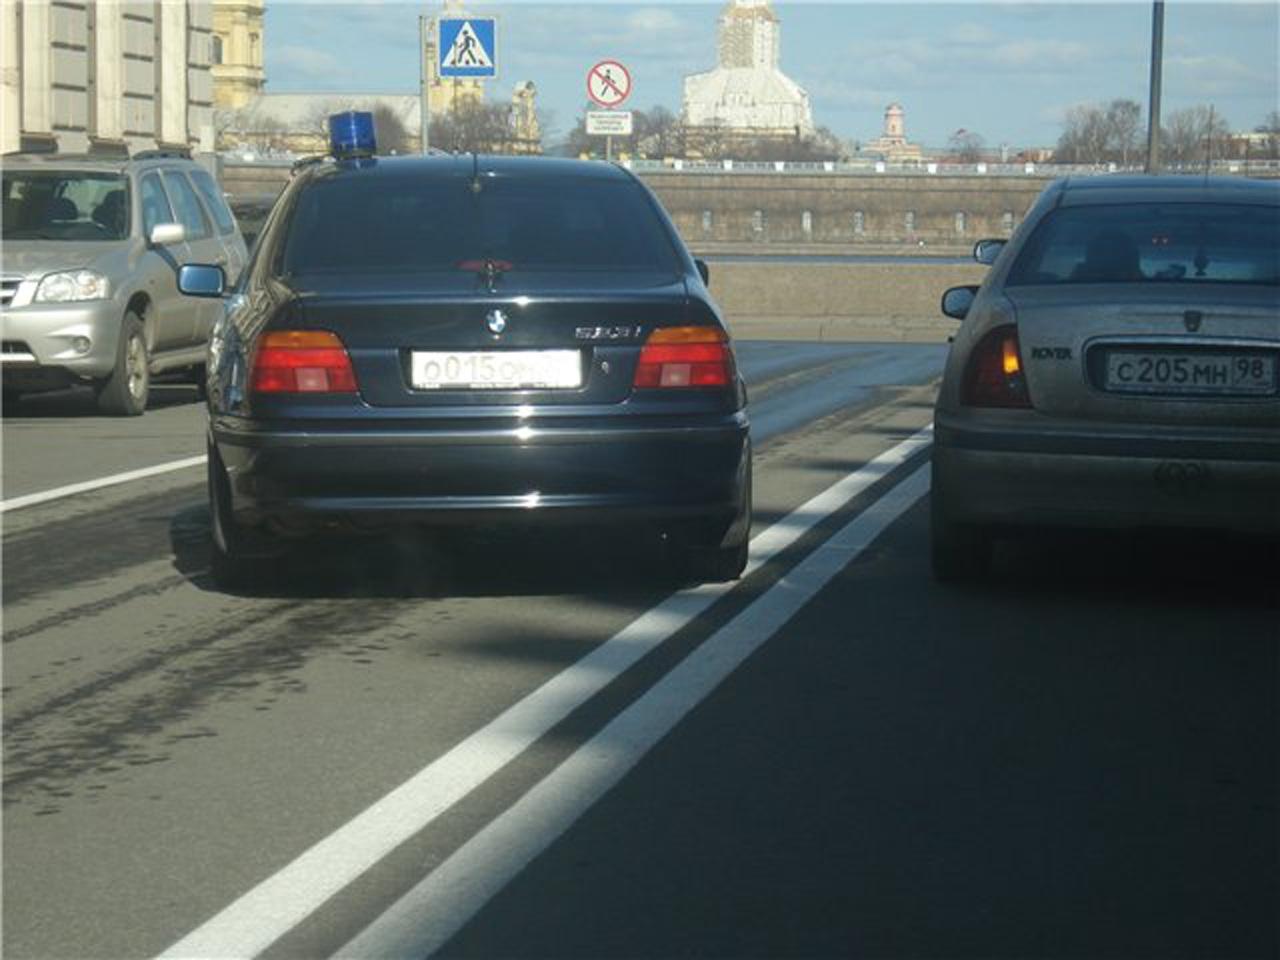 Хитрости автомобилистов: как избежать штрафа за наезд на сплошную